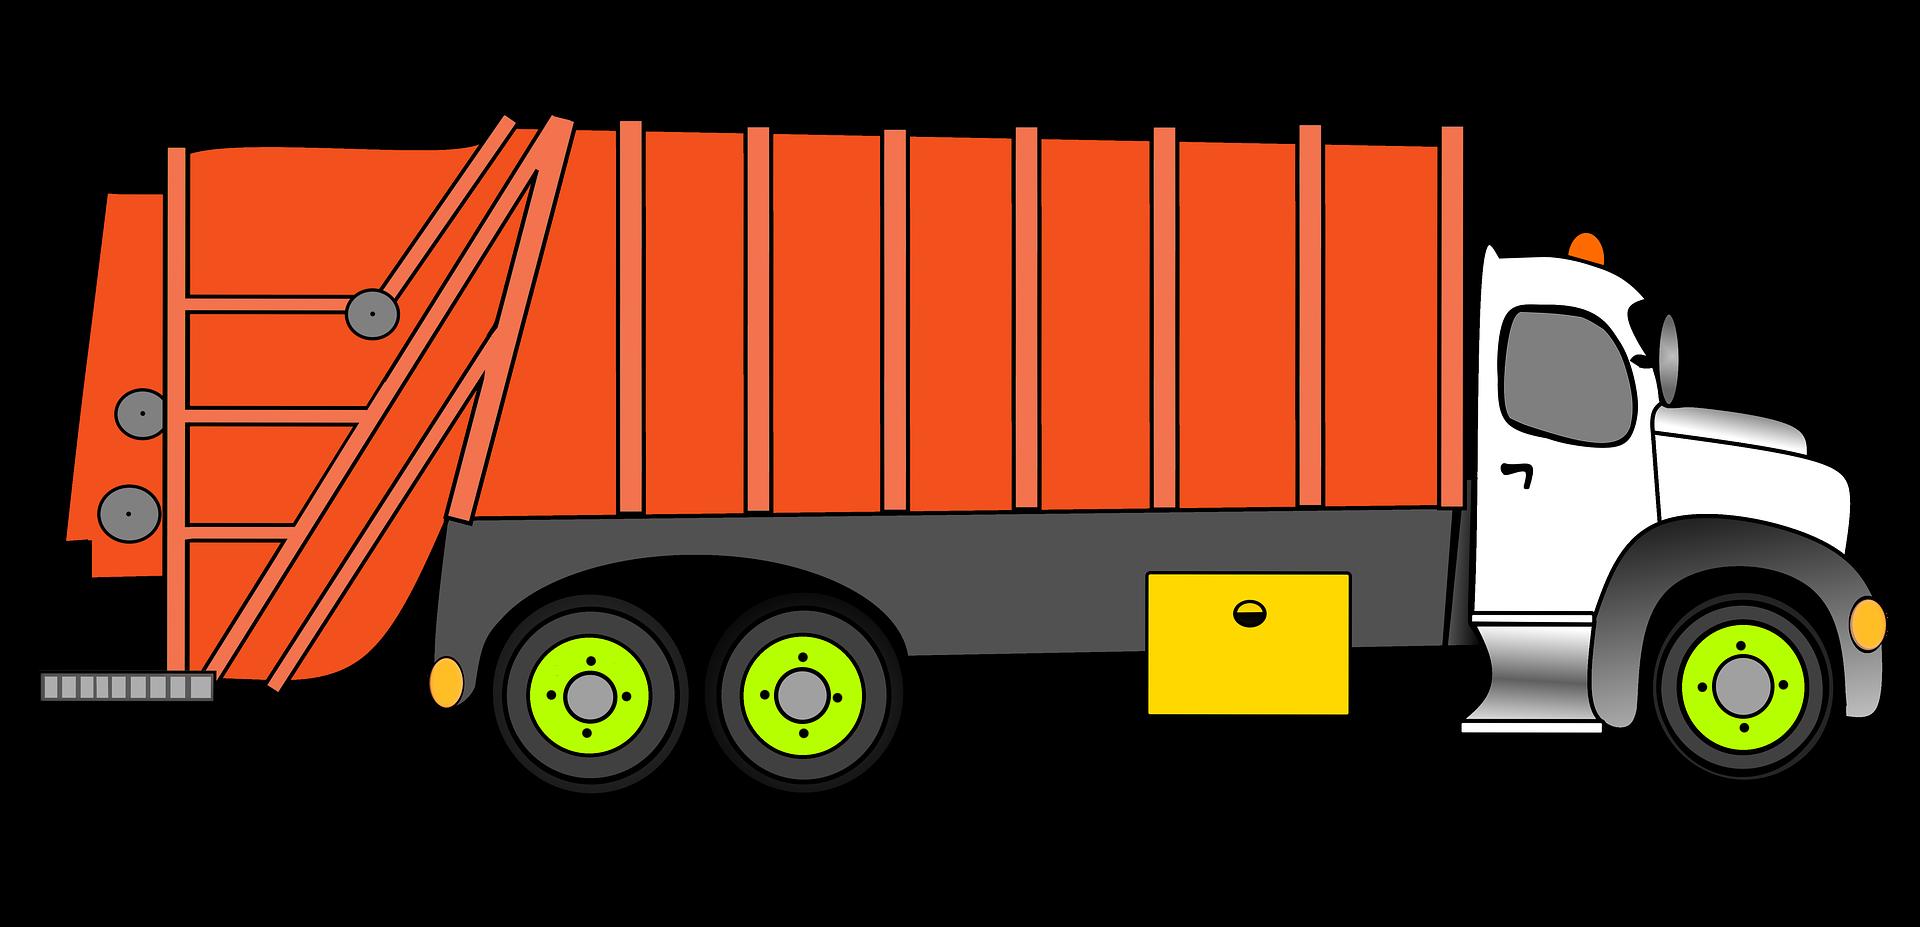 garbage-1591761_1920.png